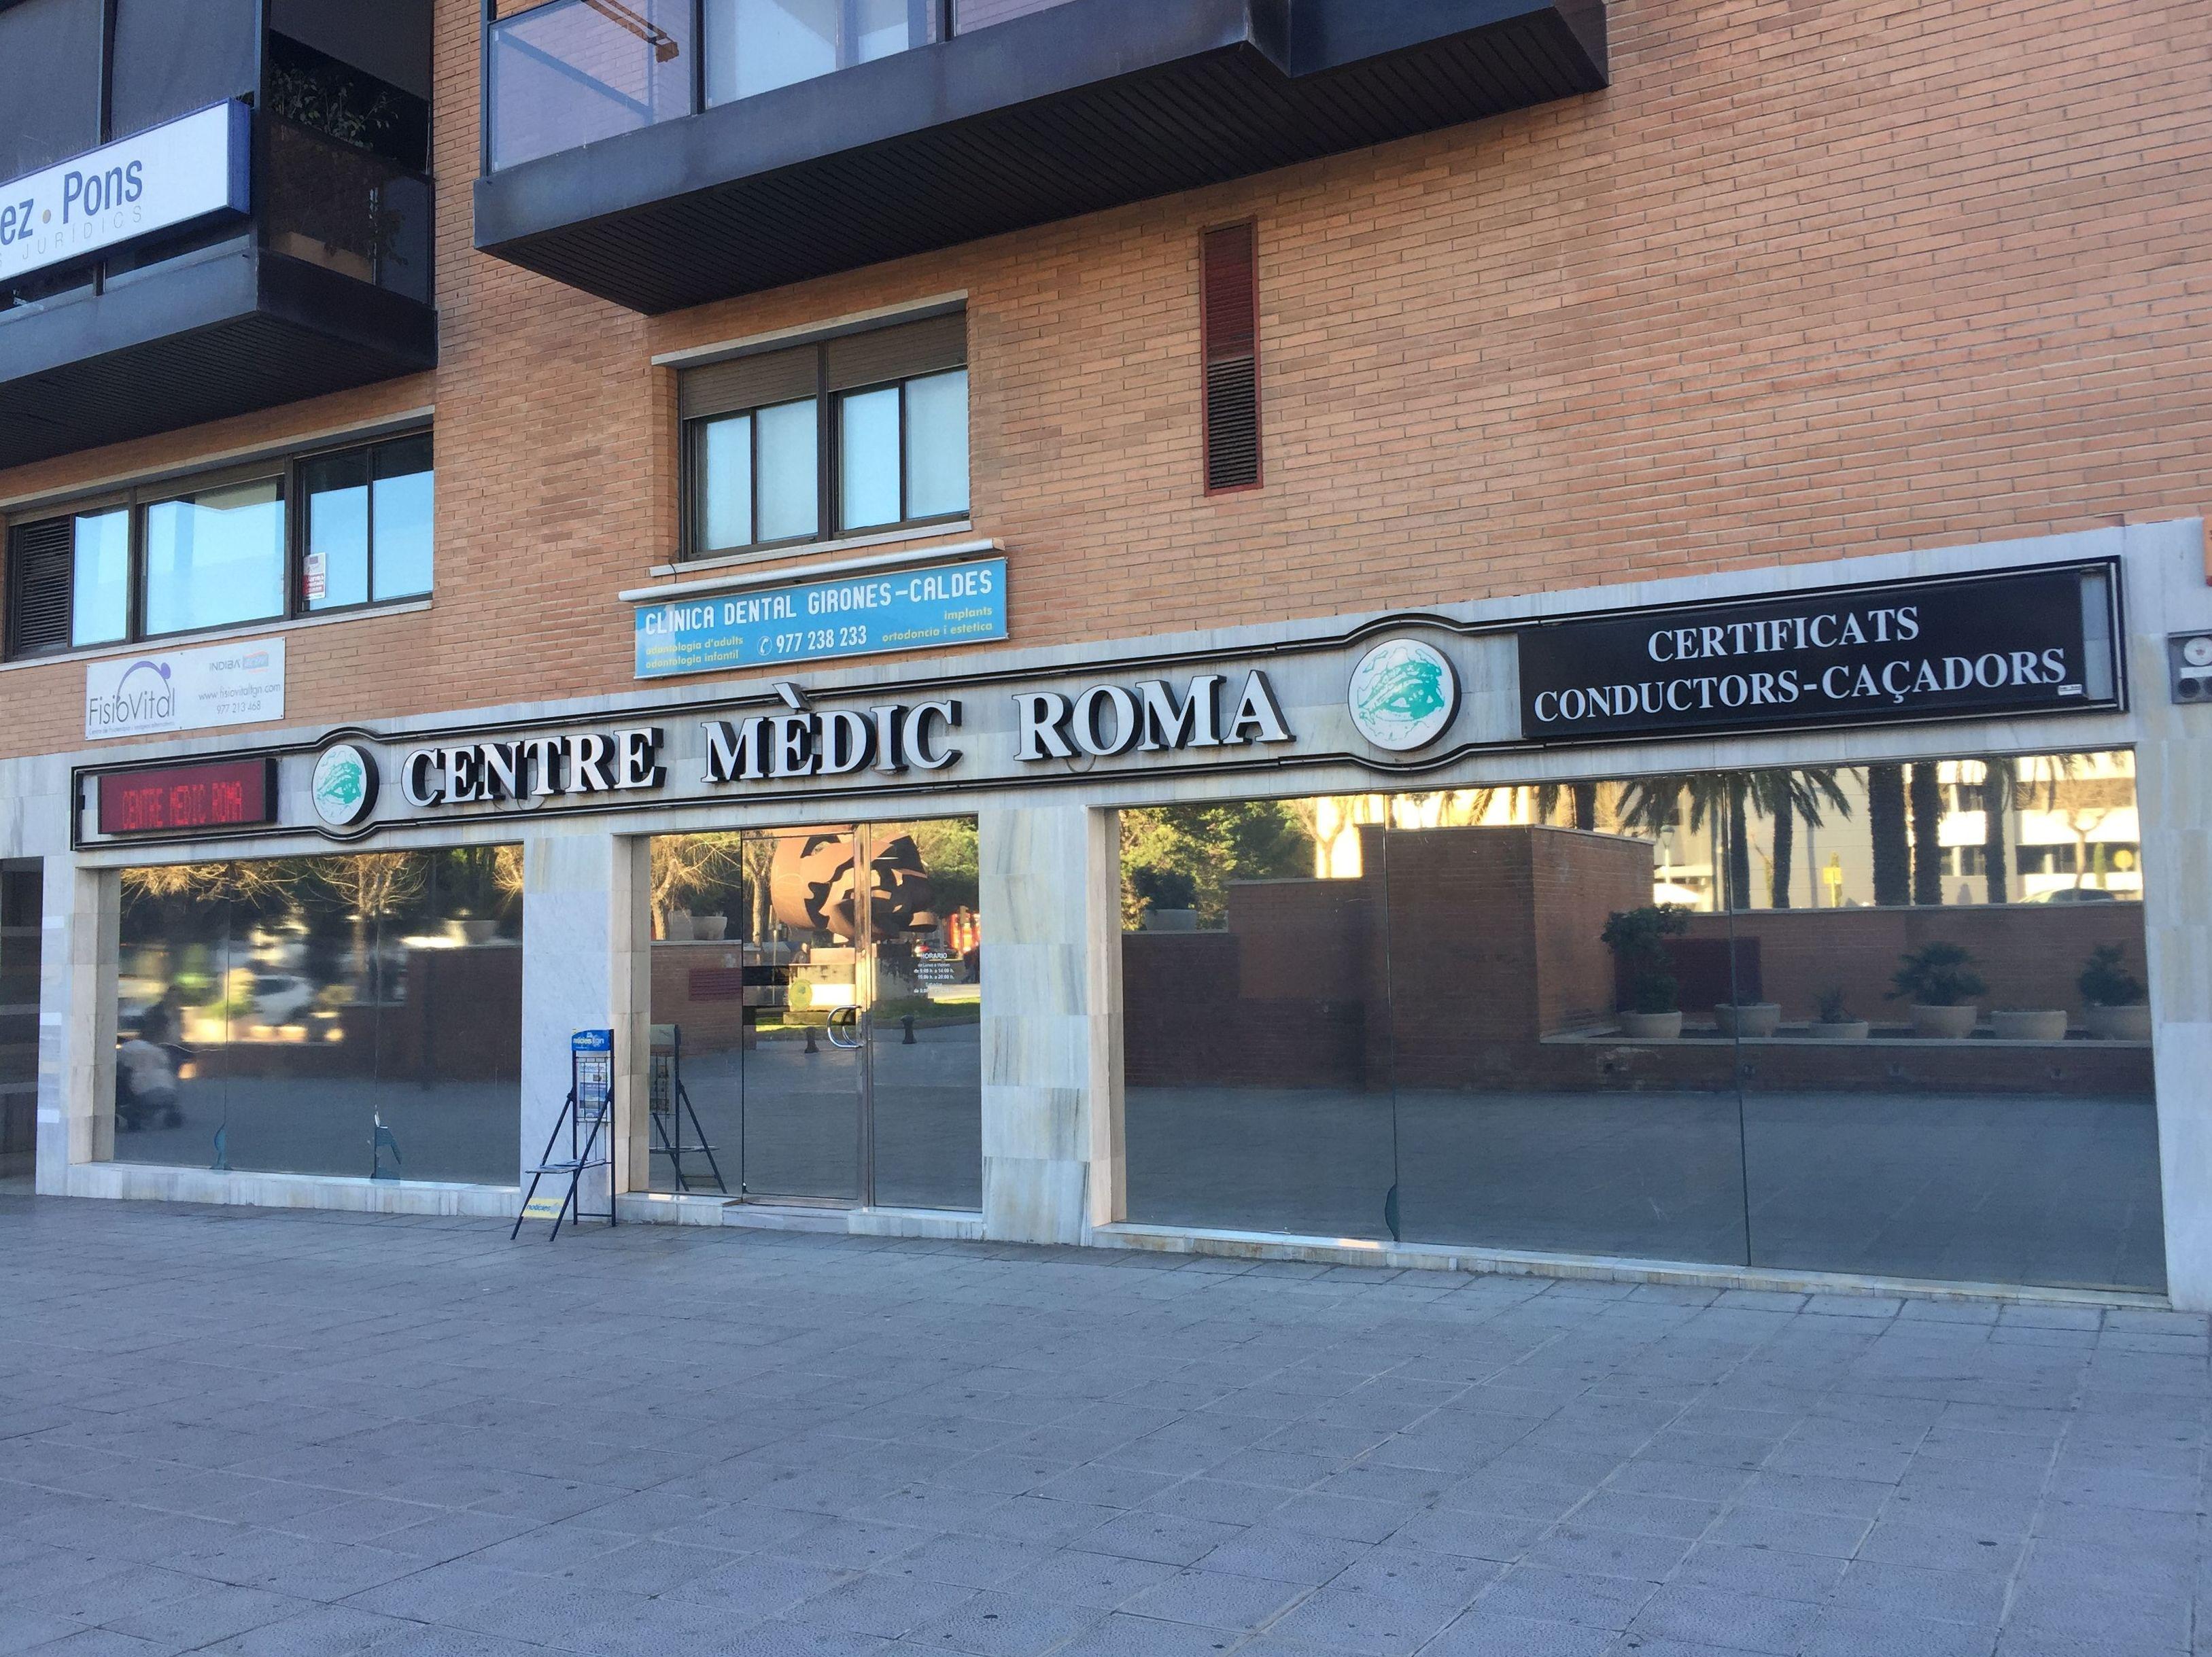 Renovar permiso conducción Tarragona|Centre medic Roma